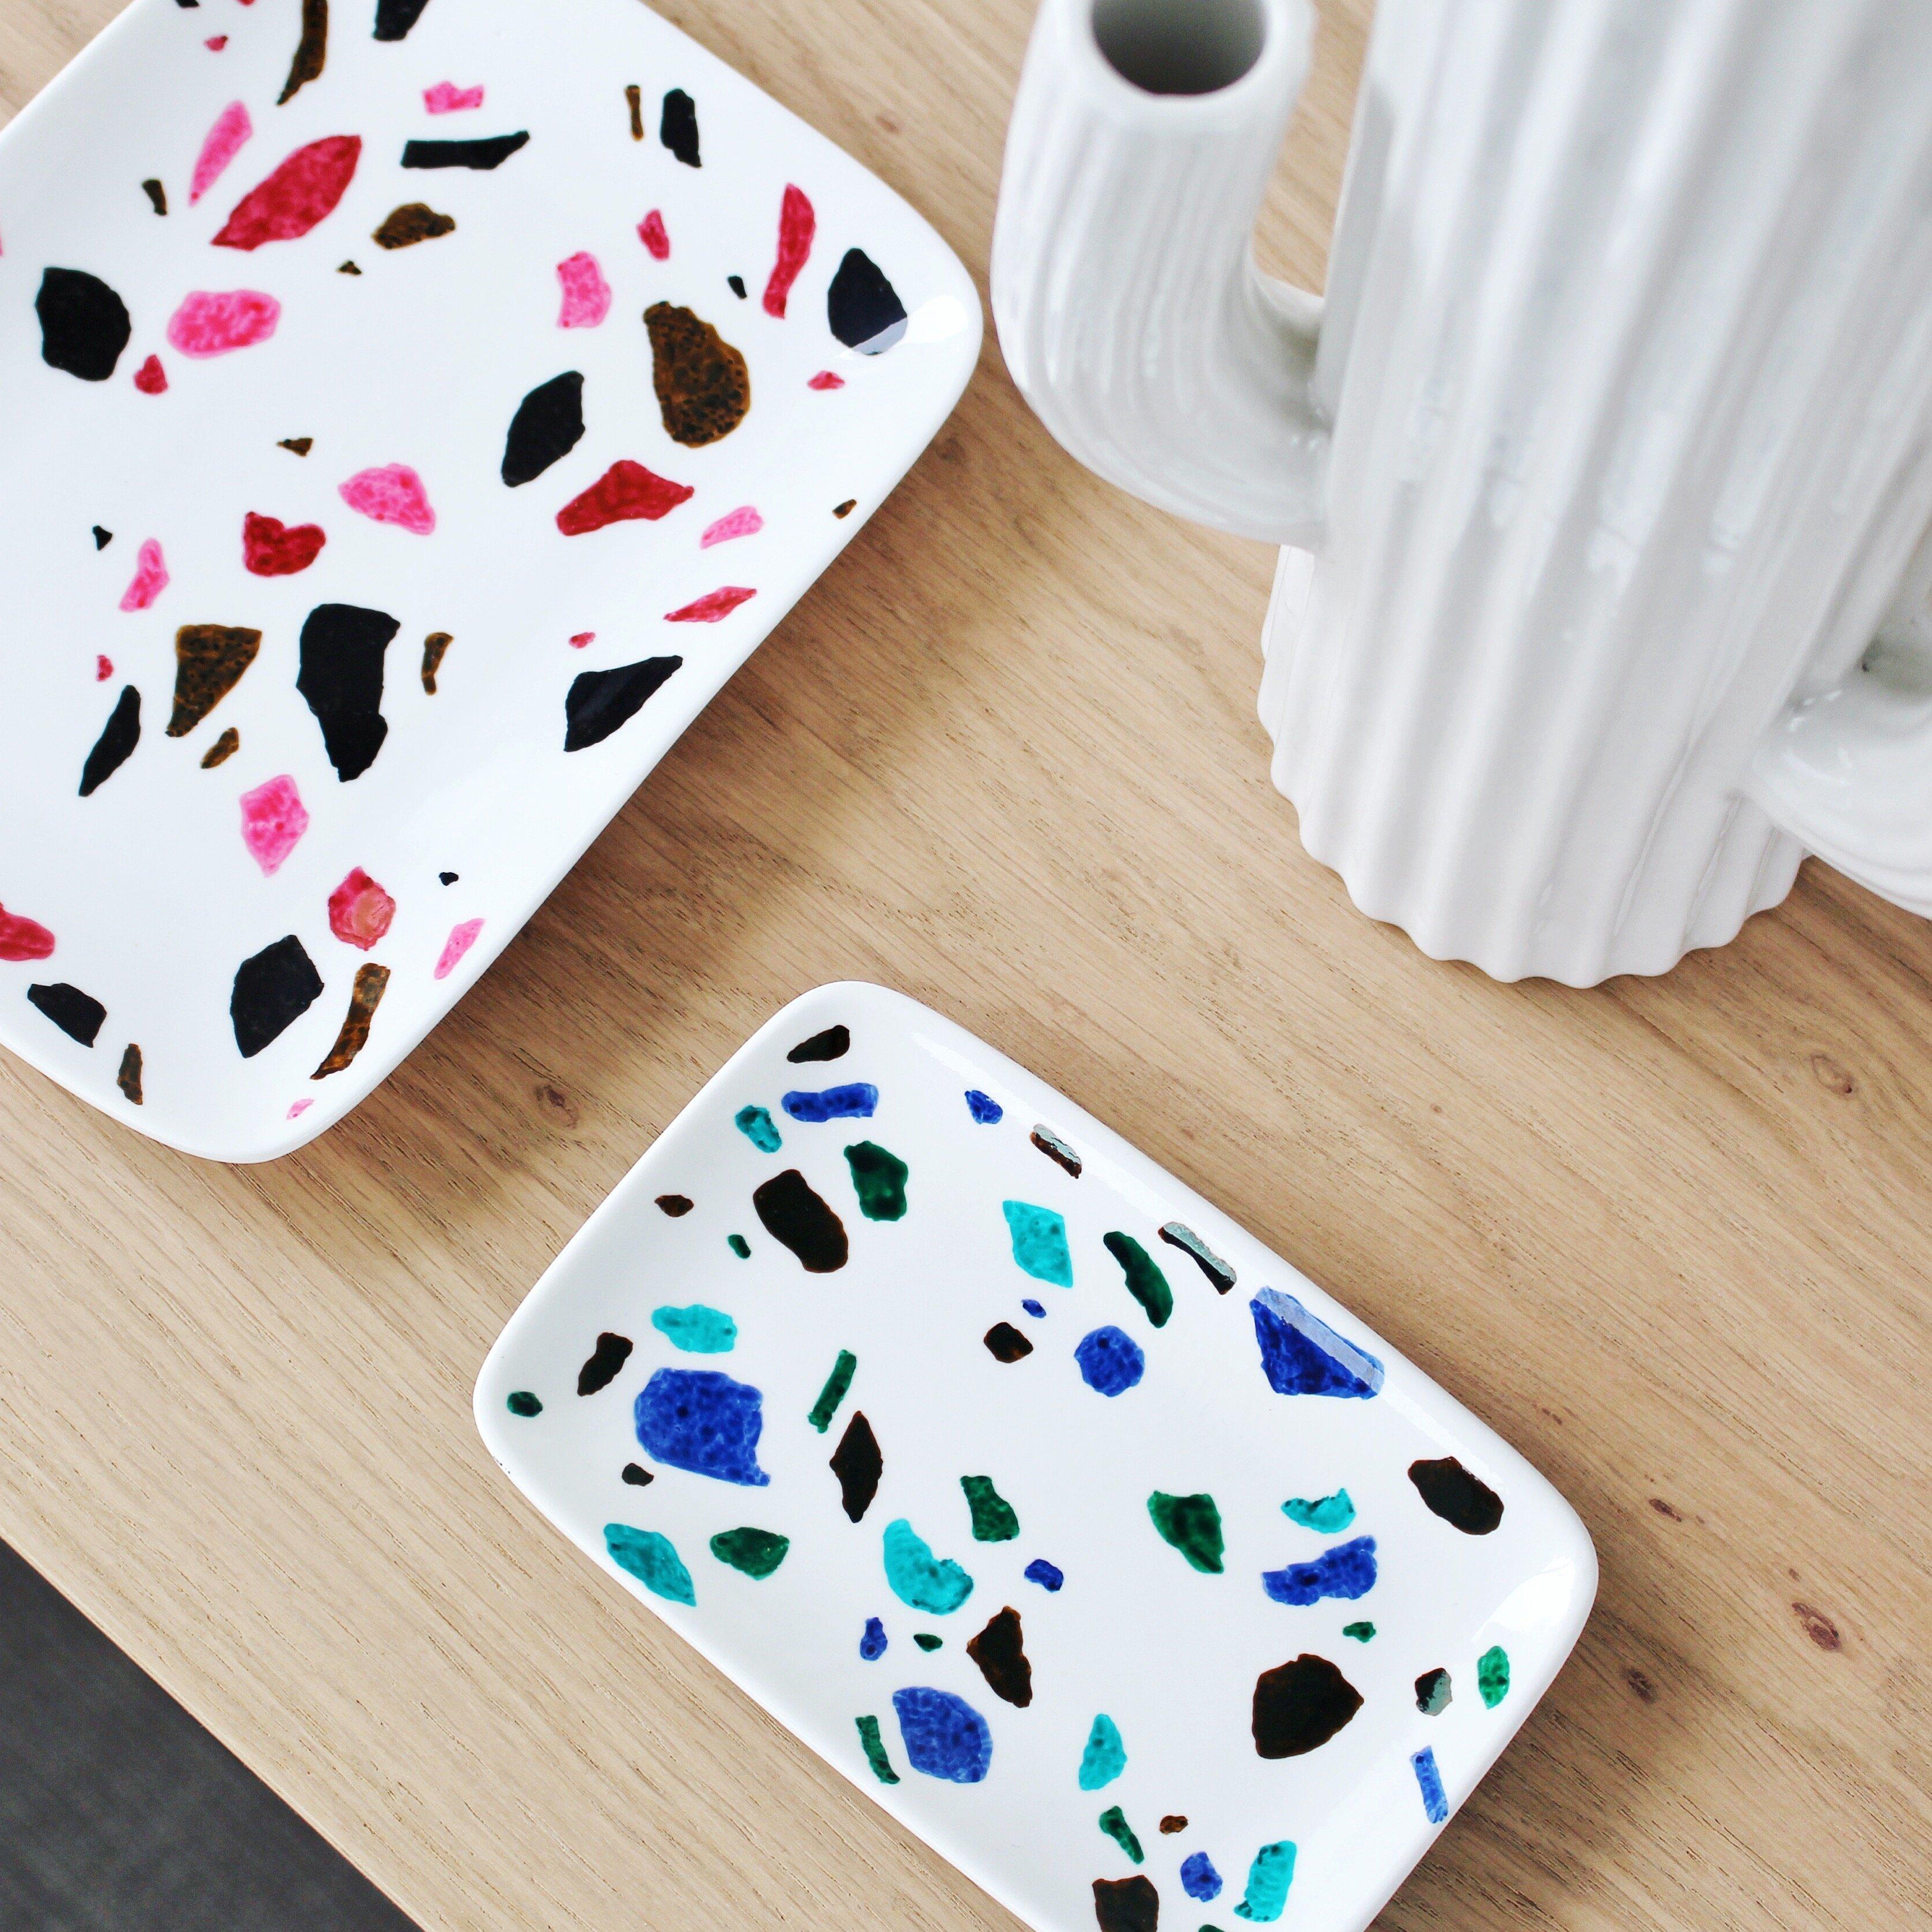 Tuto Peinture Sur Porcelaine coupelles en porcelaine motif terrazzo | oui are makers